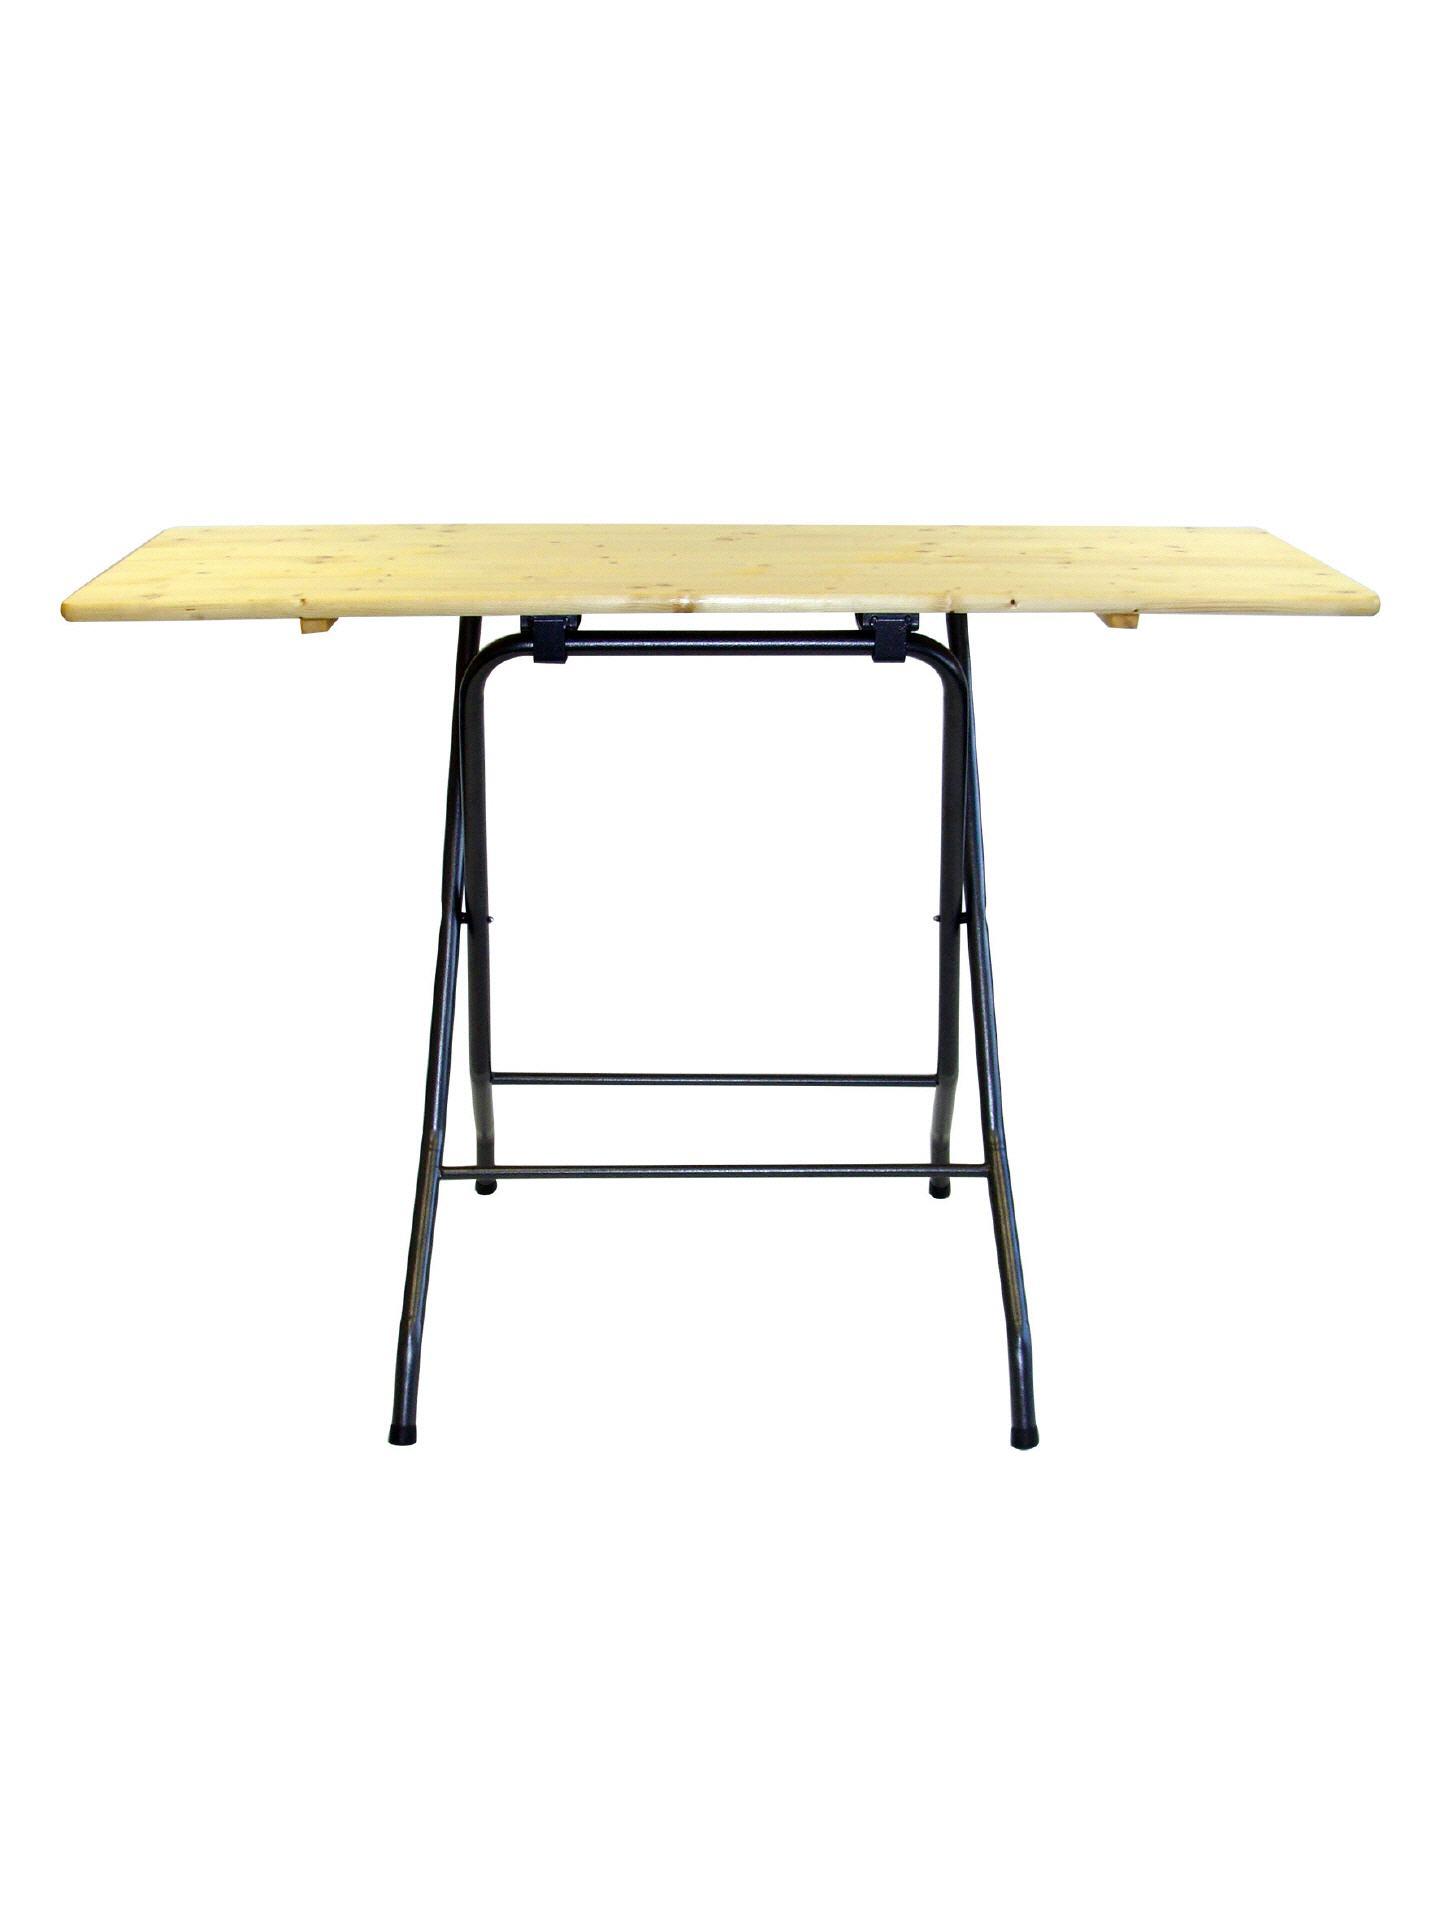 Stehtisch Rechteckig 60 160 Cm Mit Holzplatte Klappbar Gastrotex